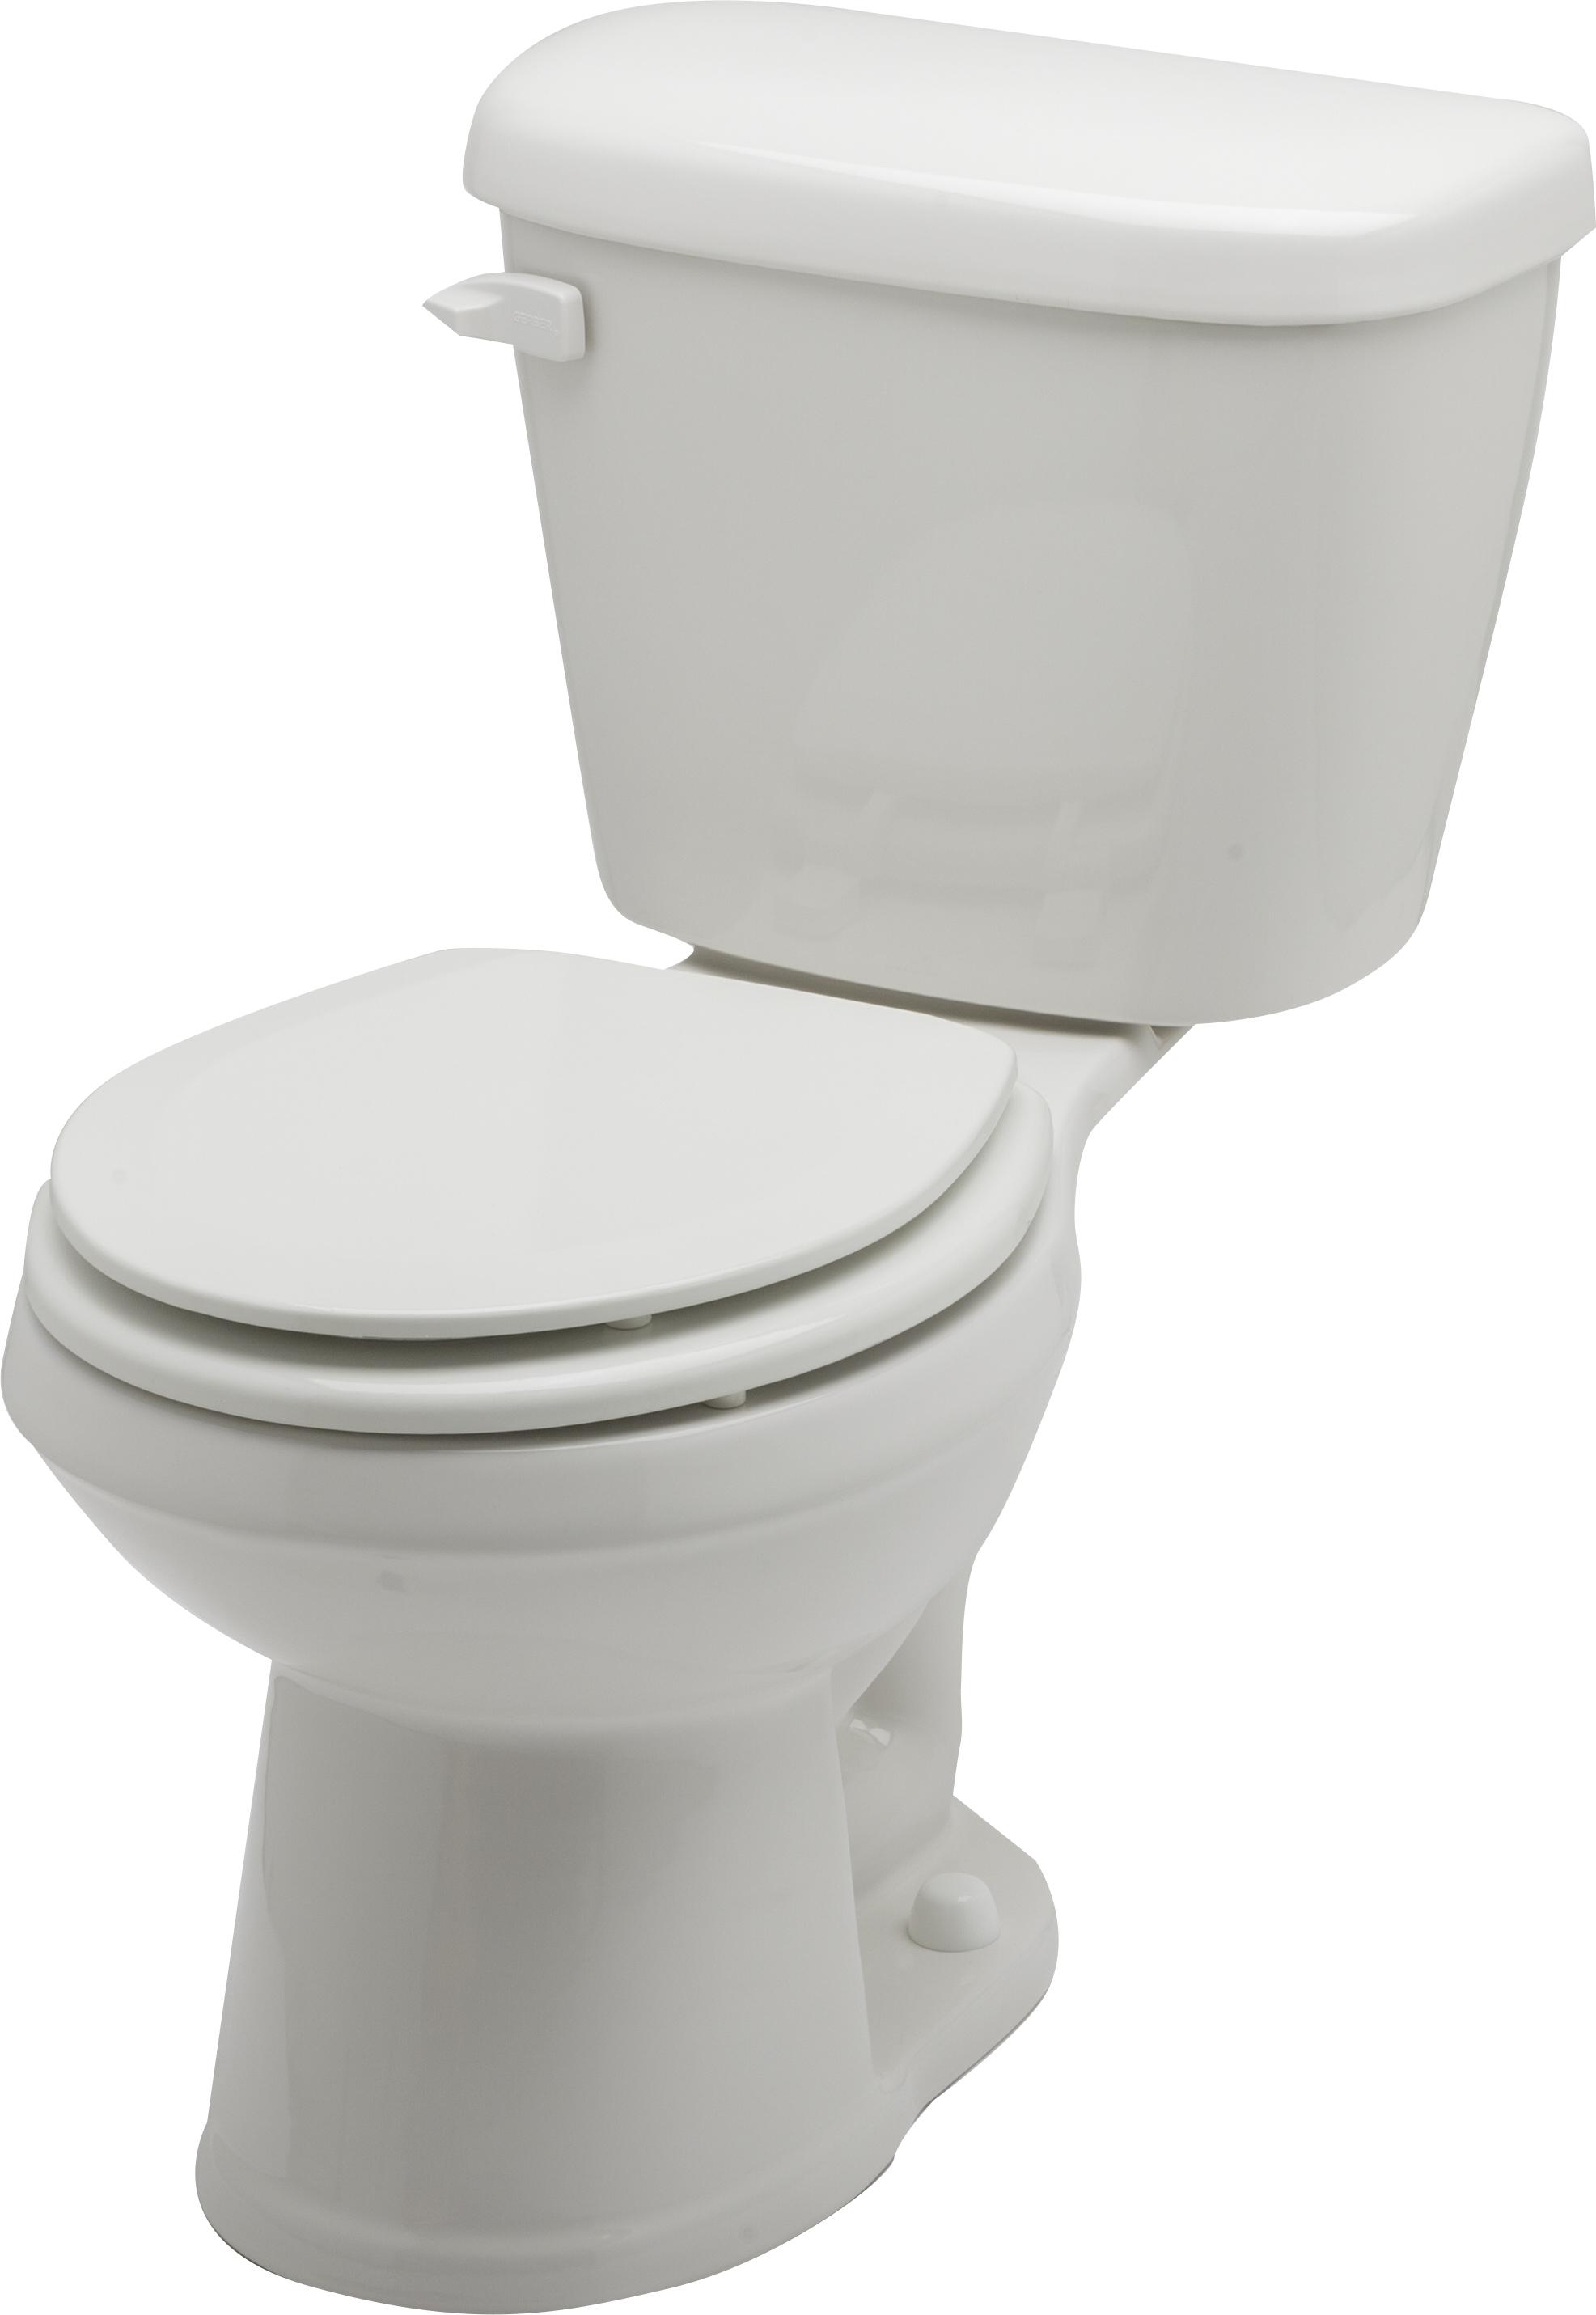 Toilets Amp Bidets Bathroom Fixtures Gerber Plumbing